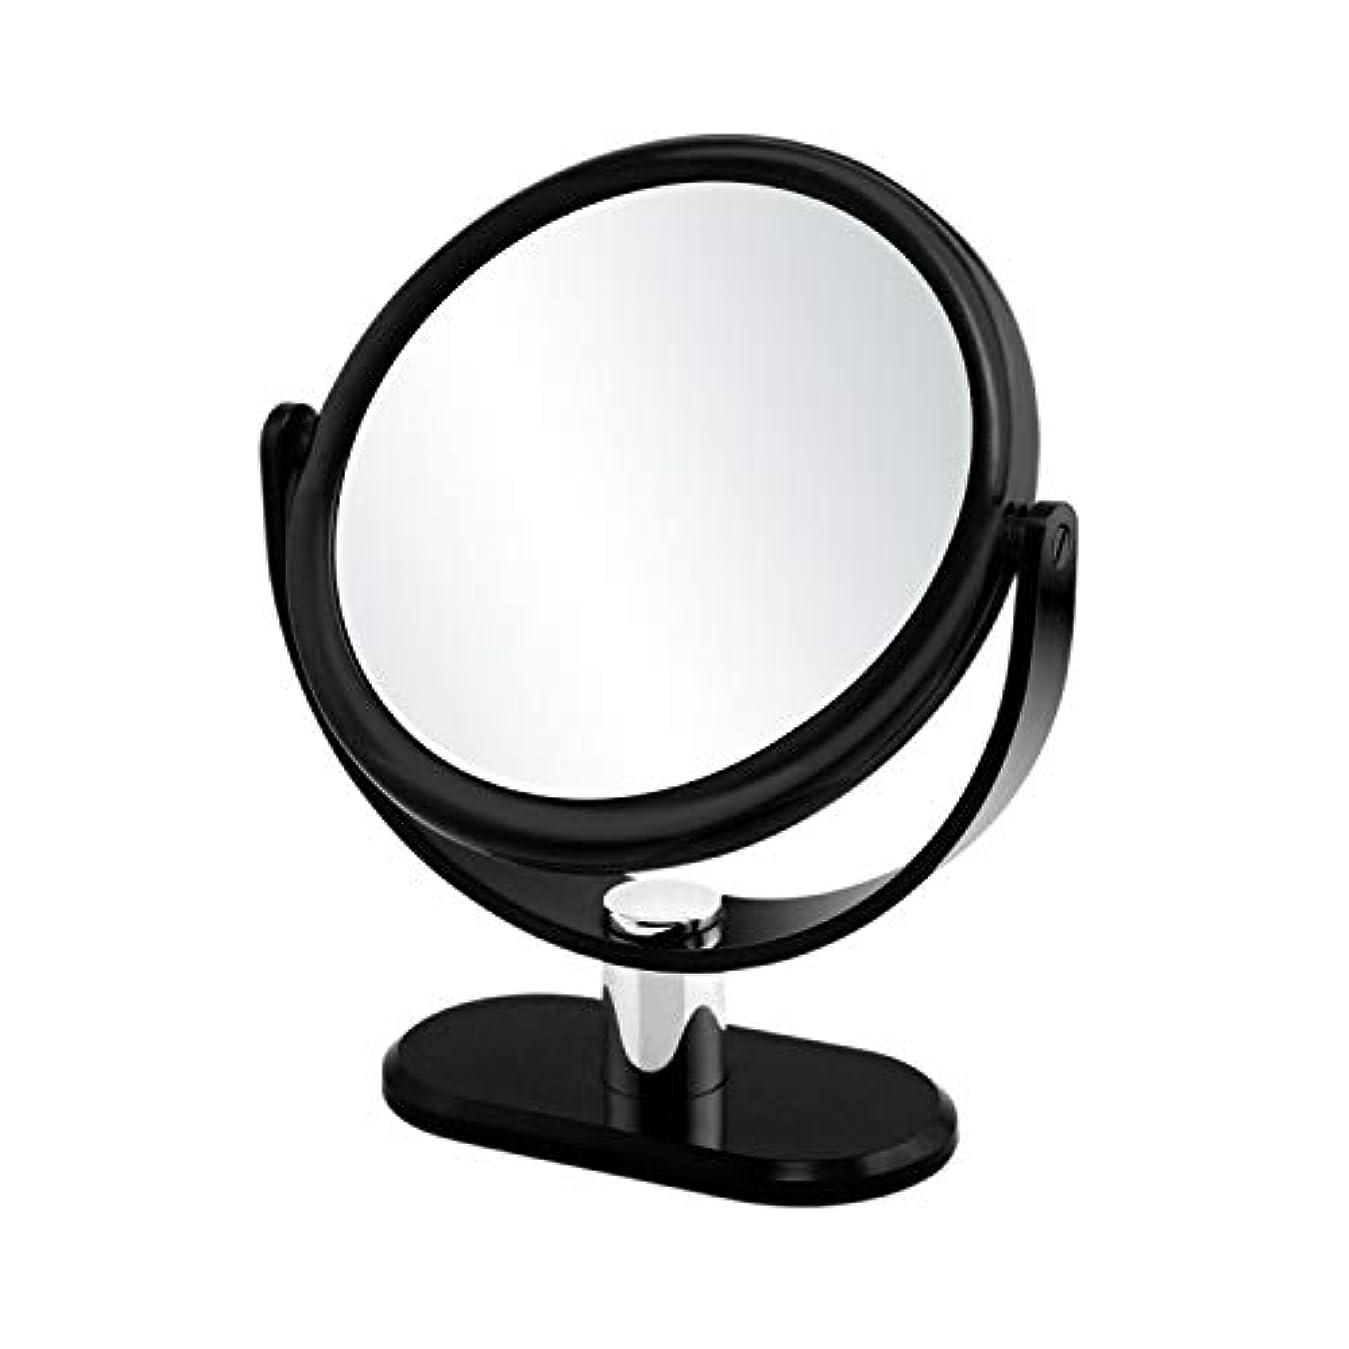 放射するまあ植物のGorwRich ブラック卓上鏡 化粧鏡 スタンドミラー 女優ミラー 卓上ミラー 両面鏡 7倍拡大鏡と等倍鏡